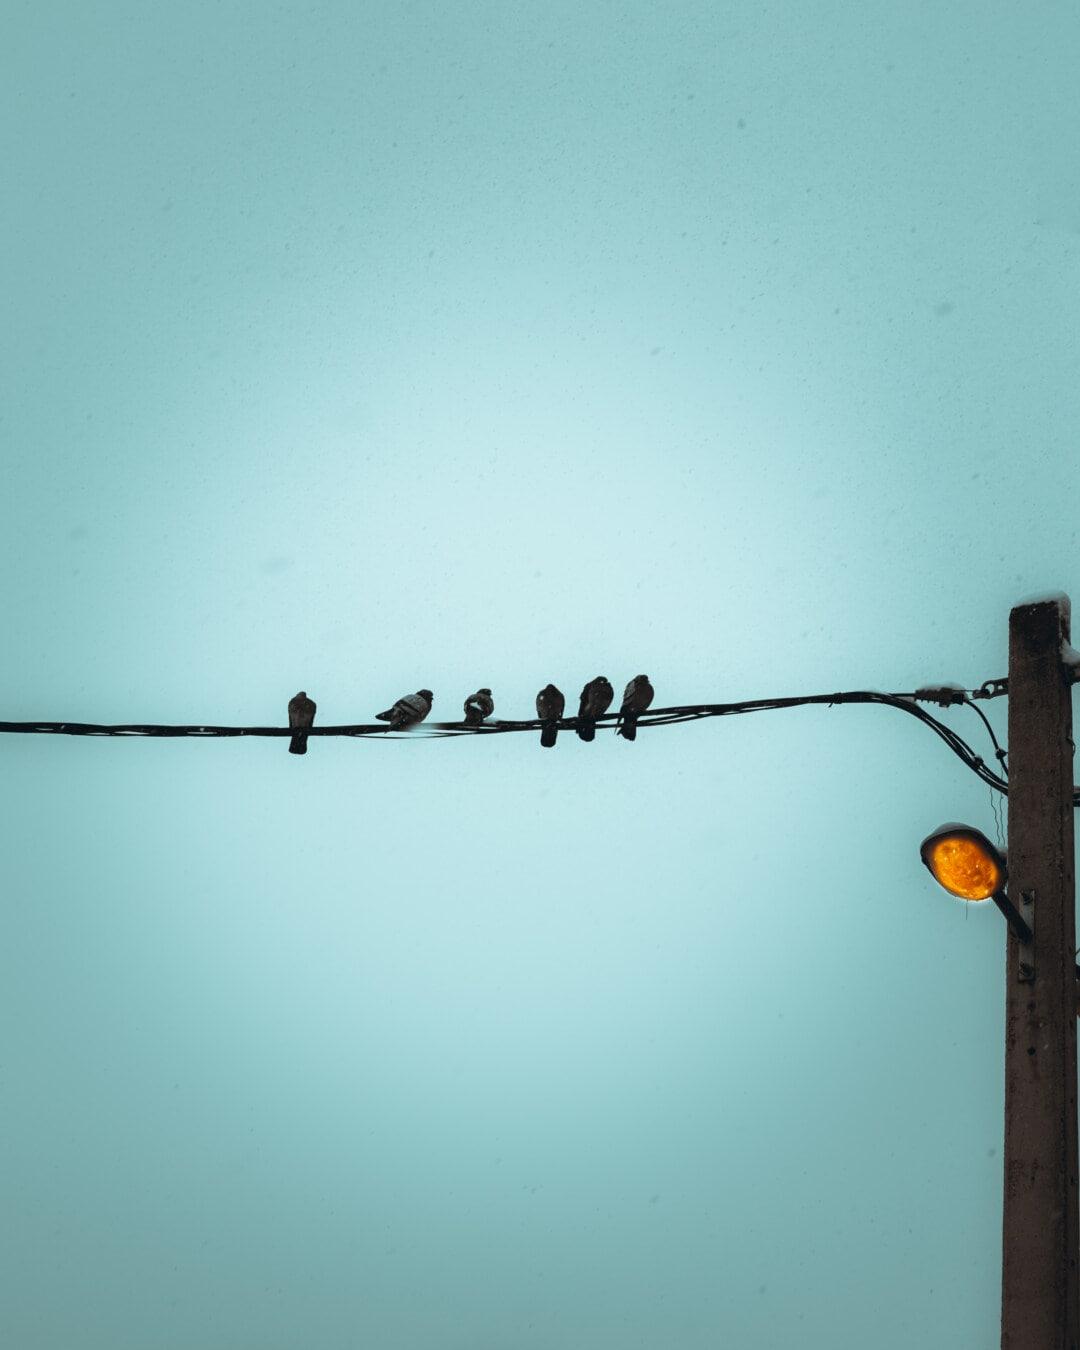 sauvage, Pigeon, ligne téléphonique, poteau de téléphone, fil de téléphone, soirée, Hiver, ampoule, câble, électricité